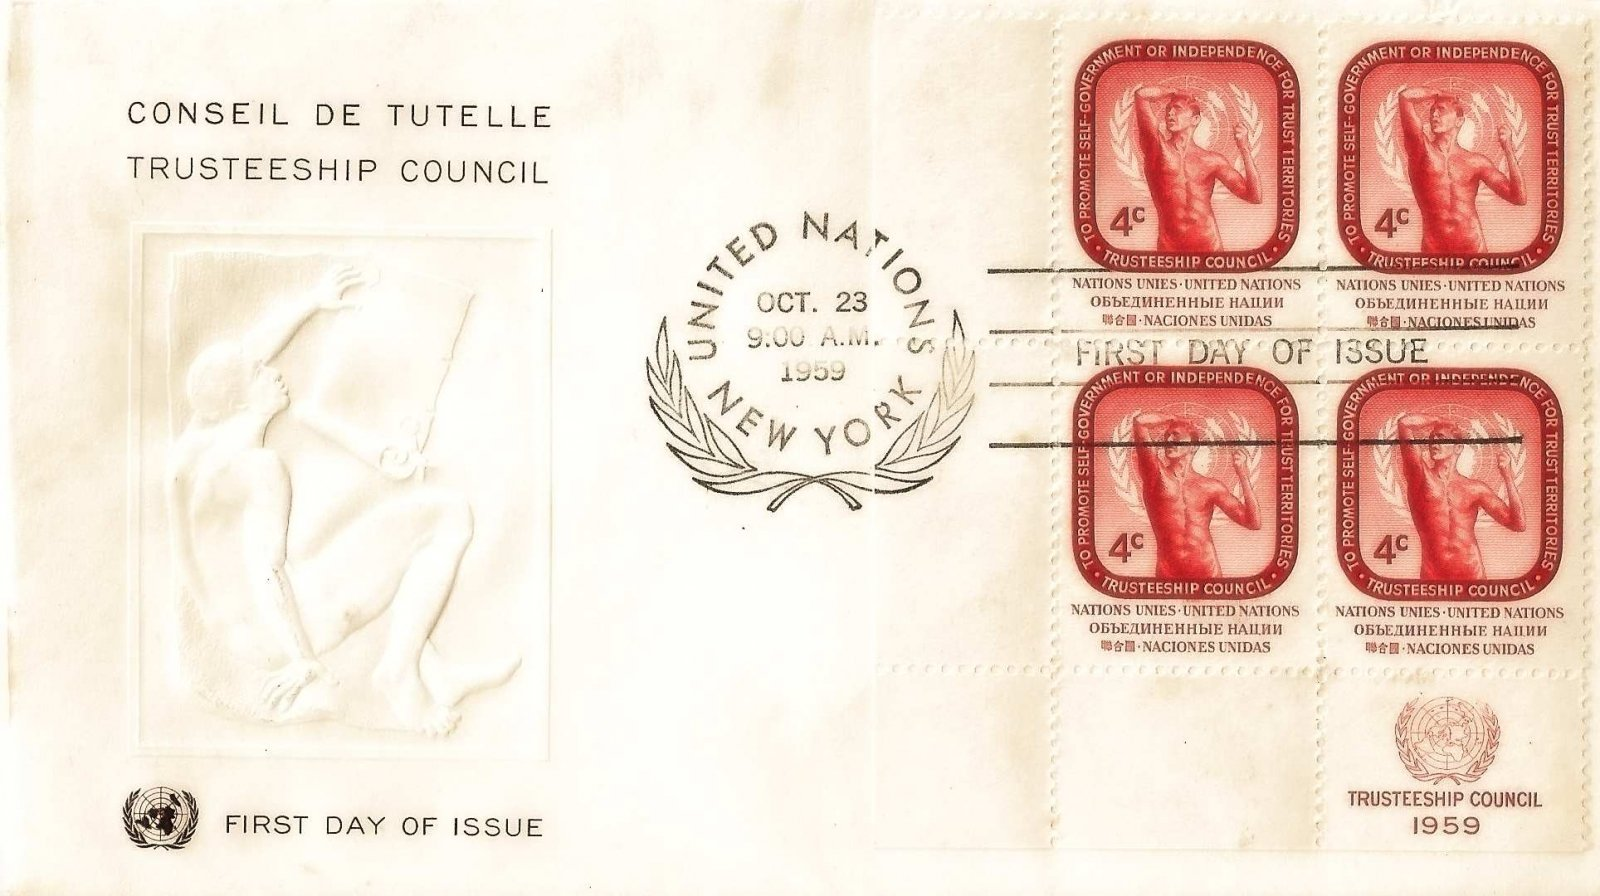 1959 nations unies conseil tutelle bloc 4c